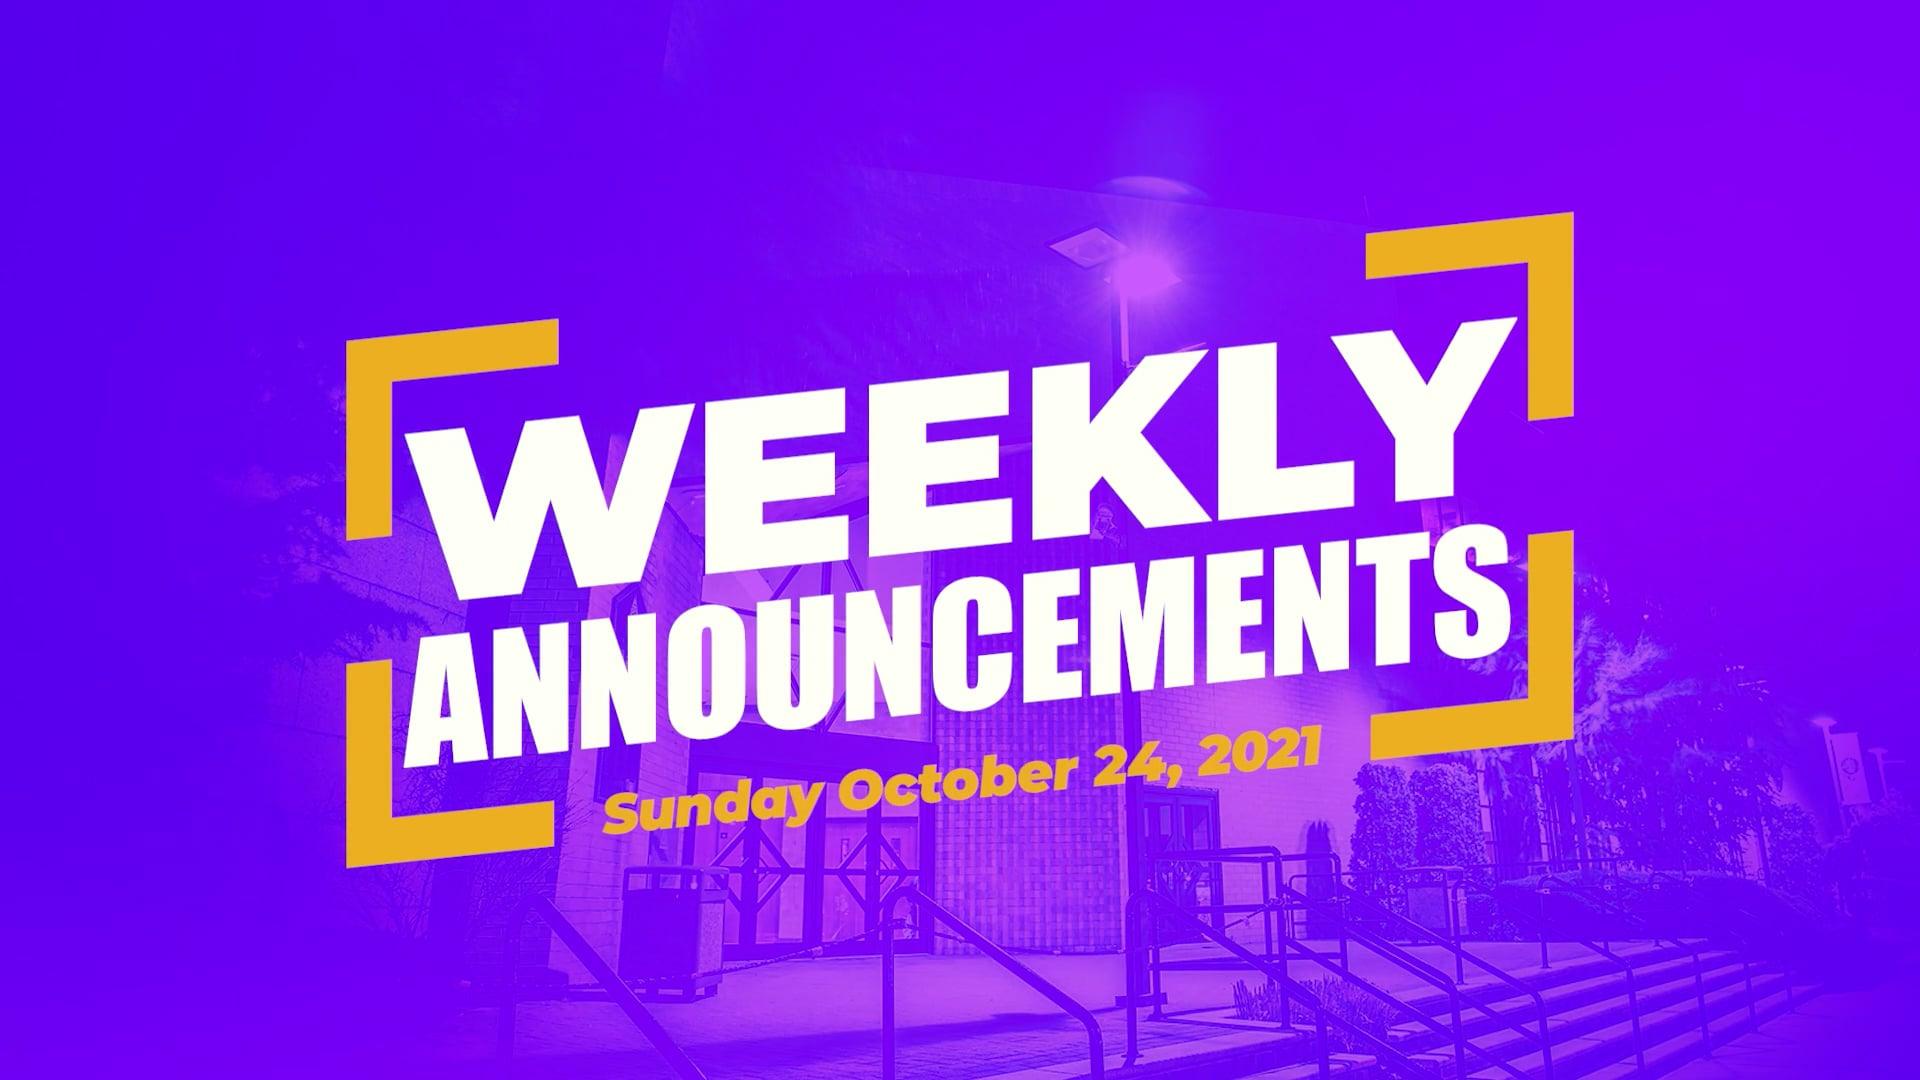 Announcements_10.24.21